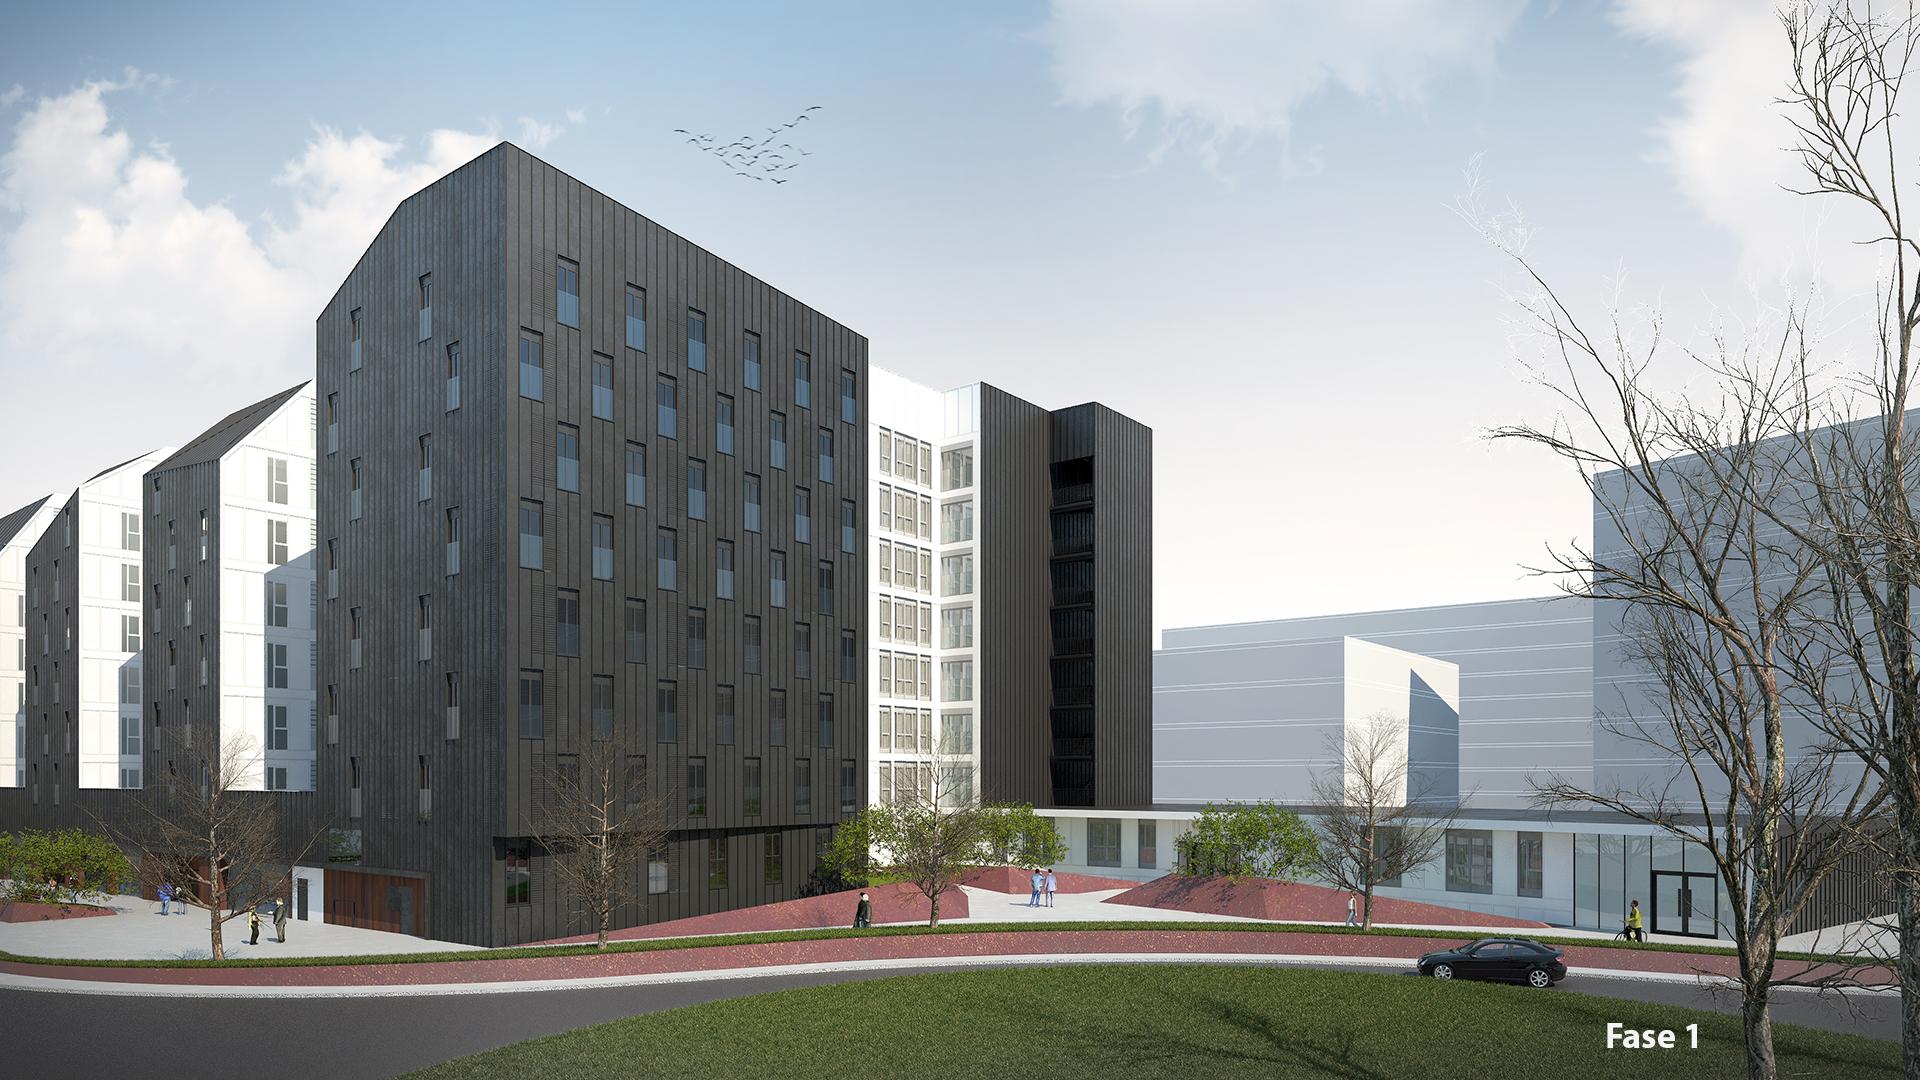 Avanza la construcción de alojamientos municipales para jóvenes en el barrio Ametzola de Bilbao